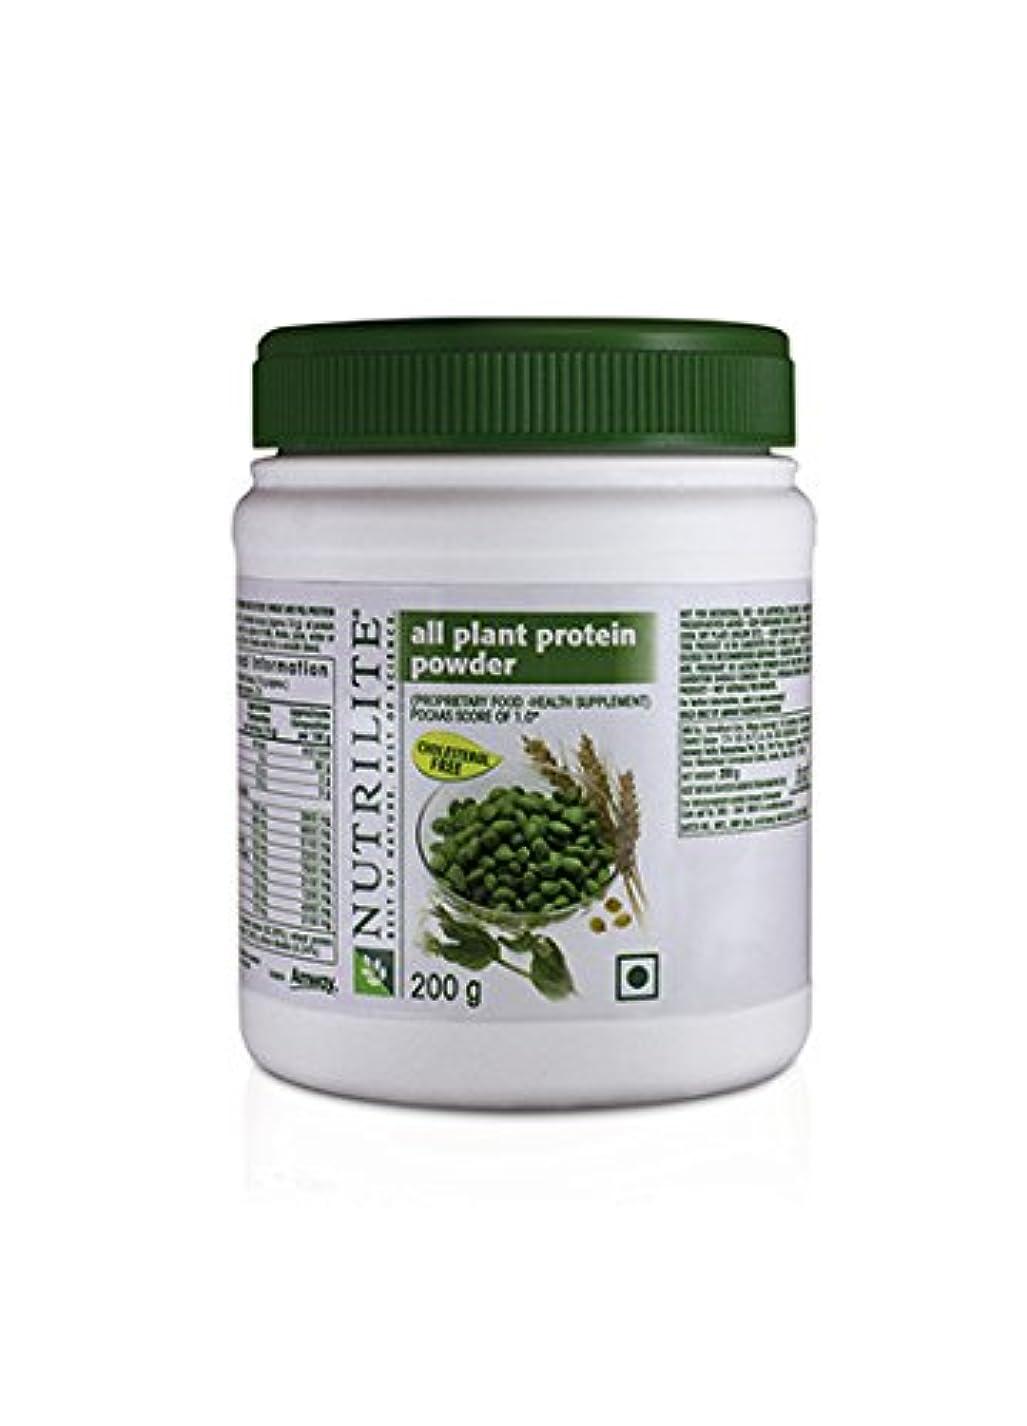 アラート今後ヘッジNutriliteすべて植物プロテイン( 200ミリグラム)